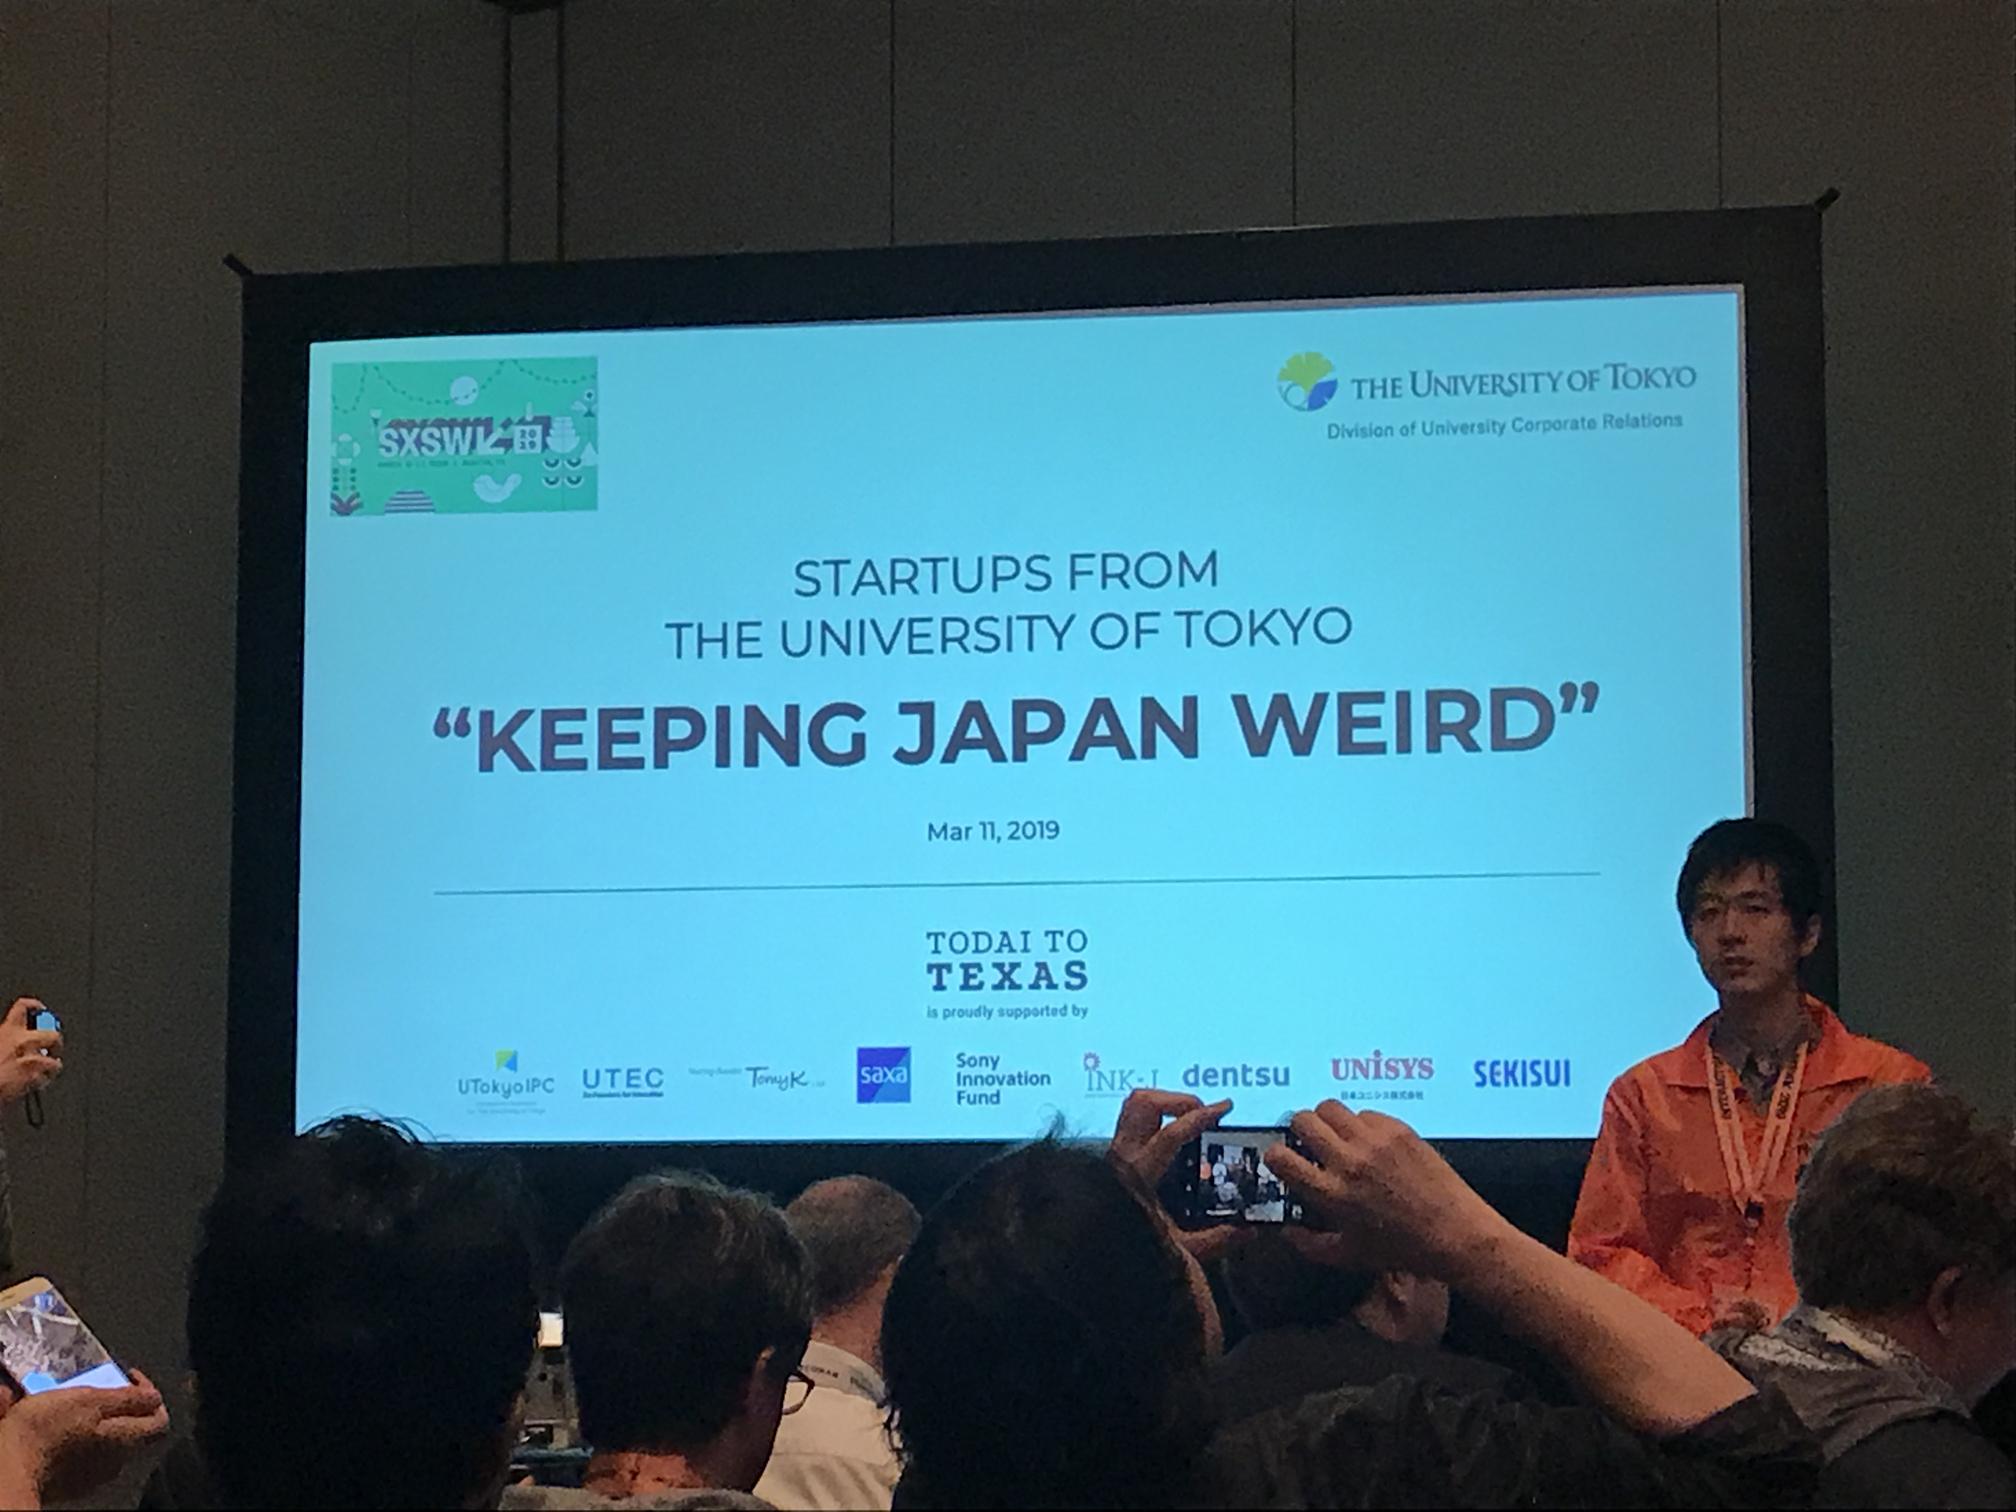 Startup from U of Tokyo : Keeping Japan Weird